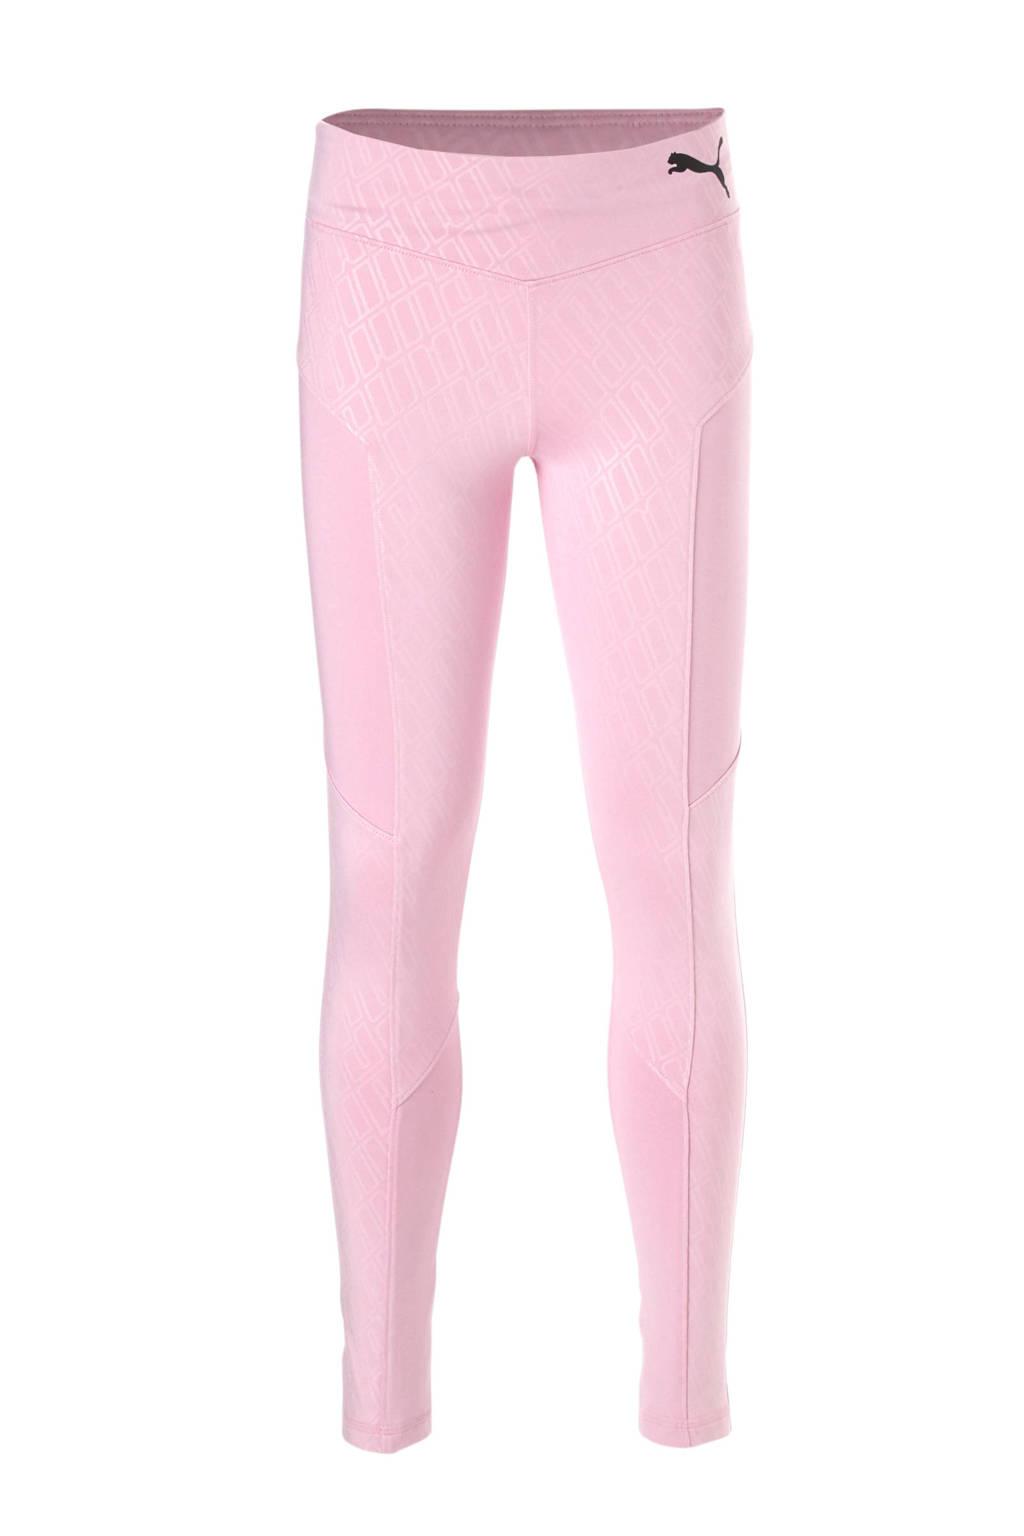 Puma sportbroek roze, Roze